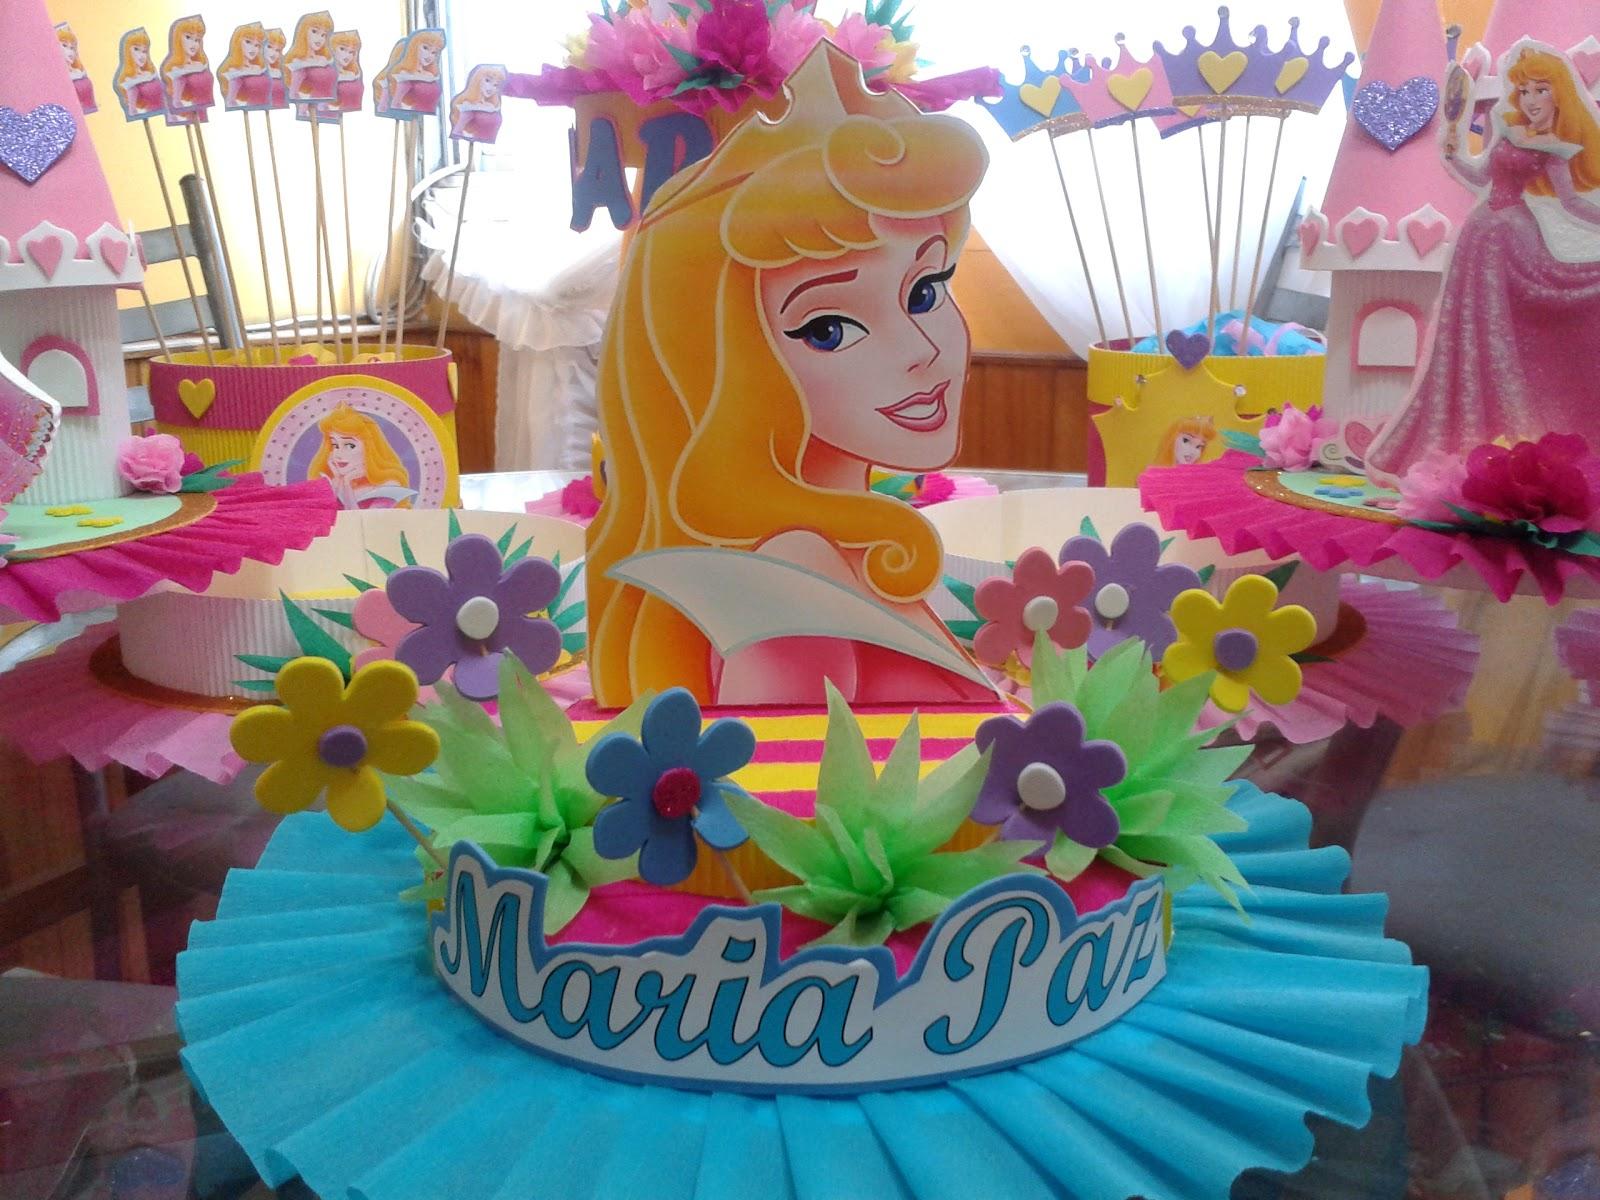 Decoraciones infantiles enero 2012 for Decoraciones infantiles